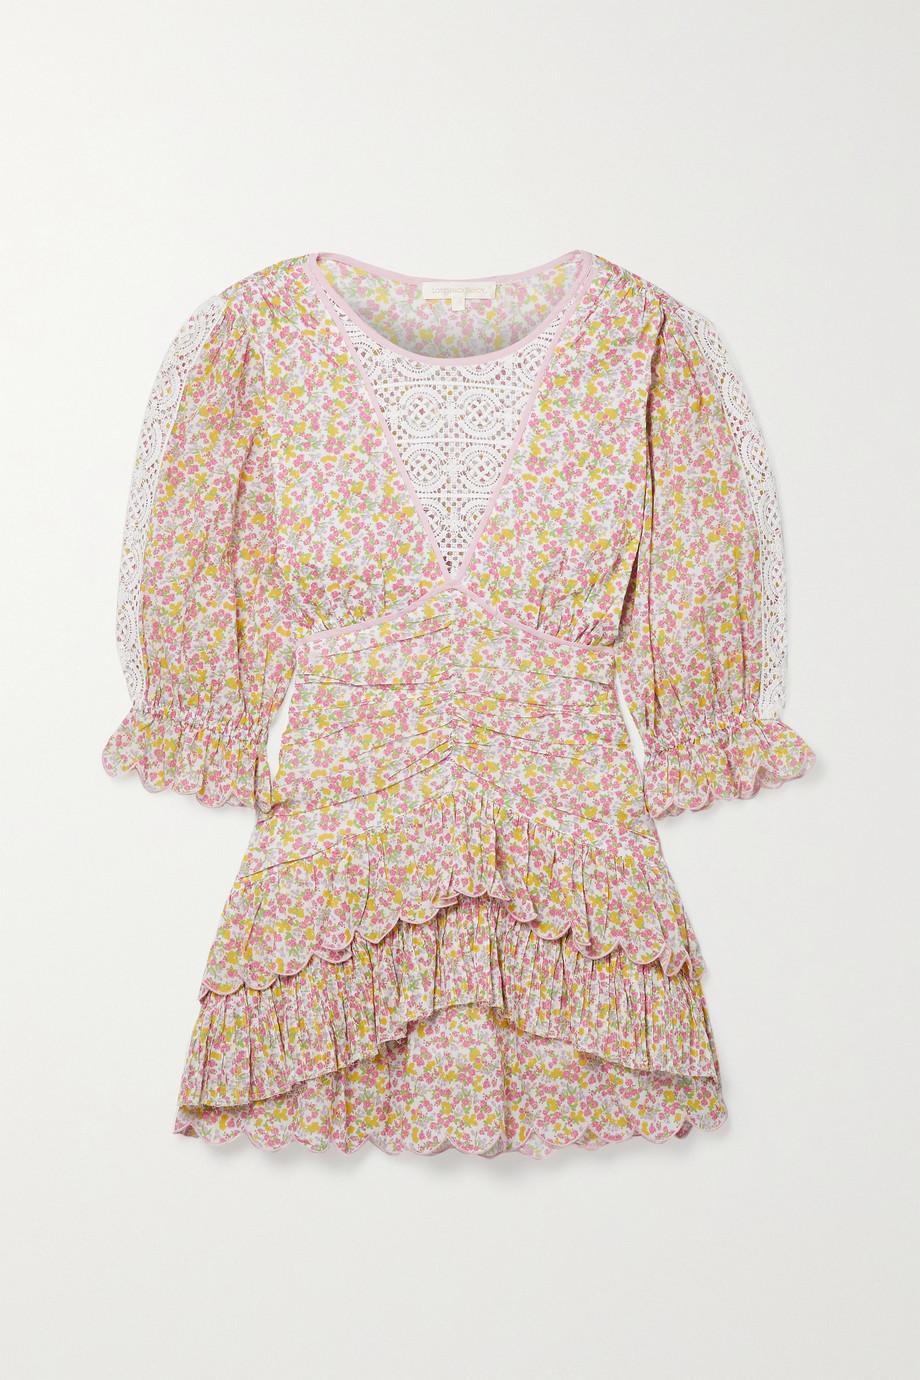 LoveShackFancy Marquise gestuftes Minikleid aus Baumwoll-Voile mit Blumenprint und Häkeleinsätzen